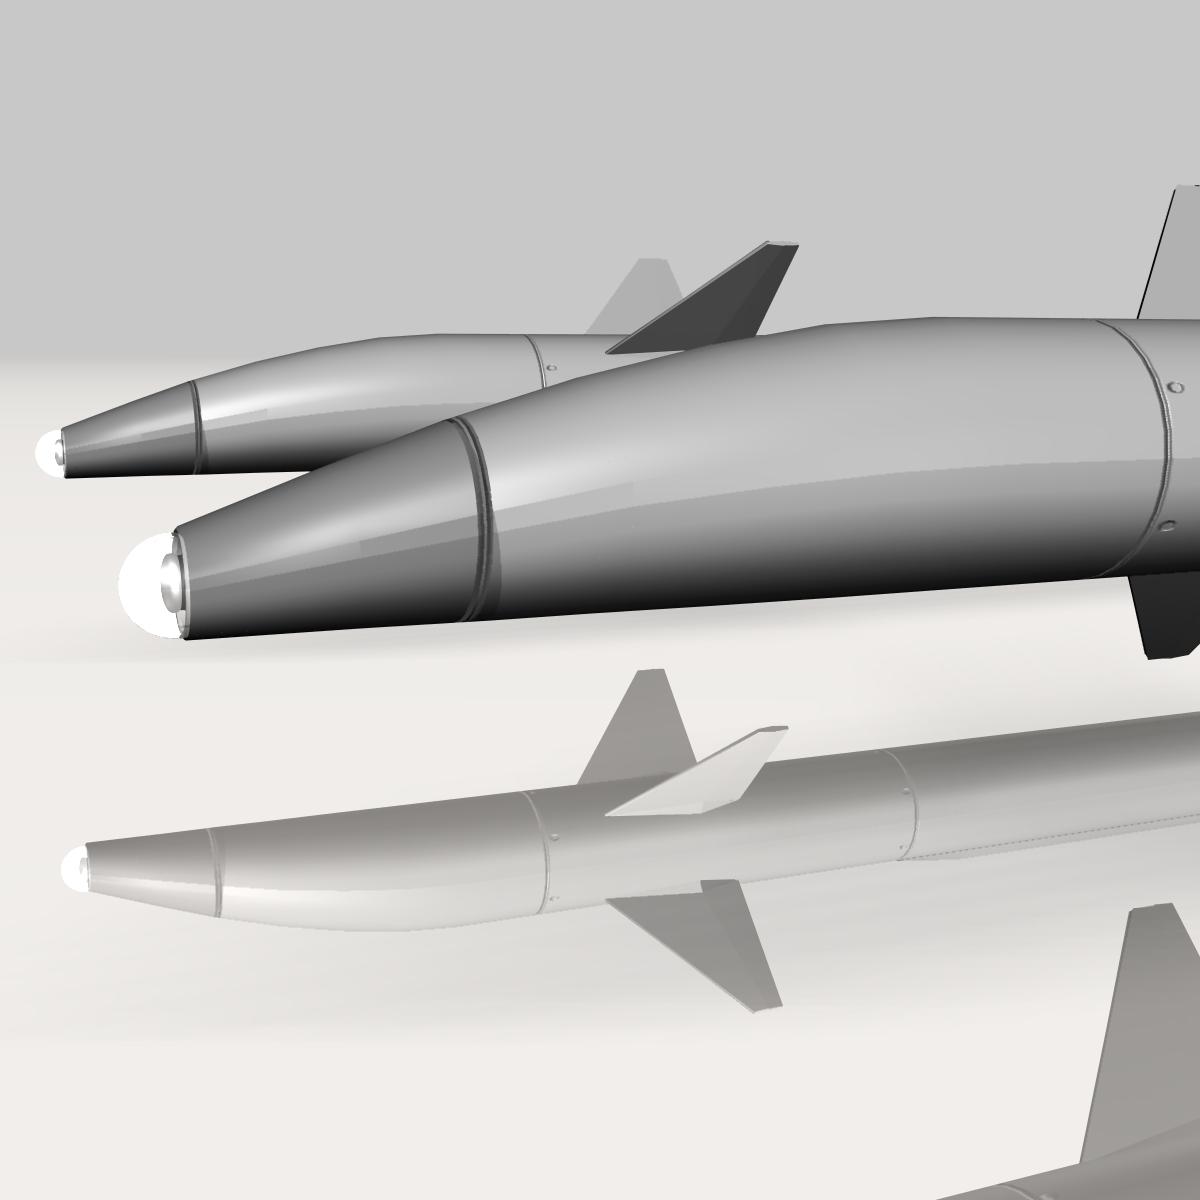 israeli stunner missile 3d model 3ds dxf cob x obj 150543